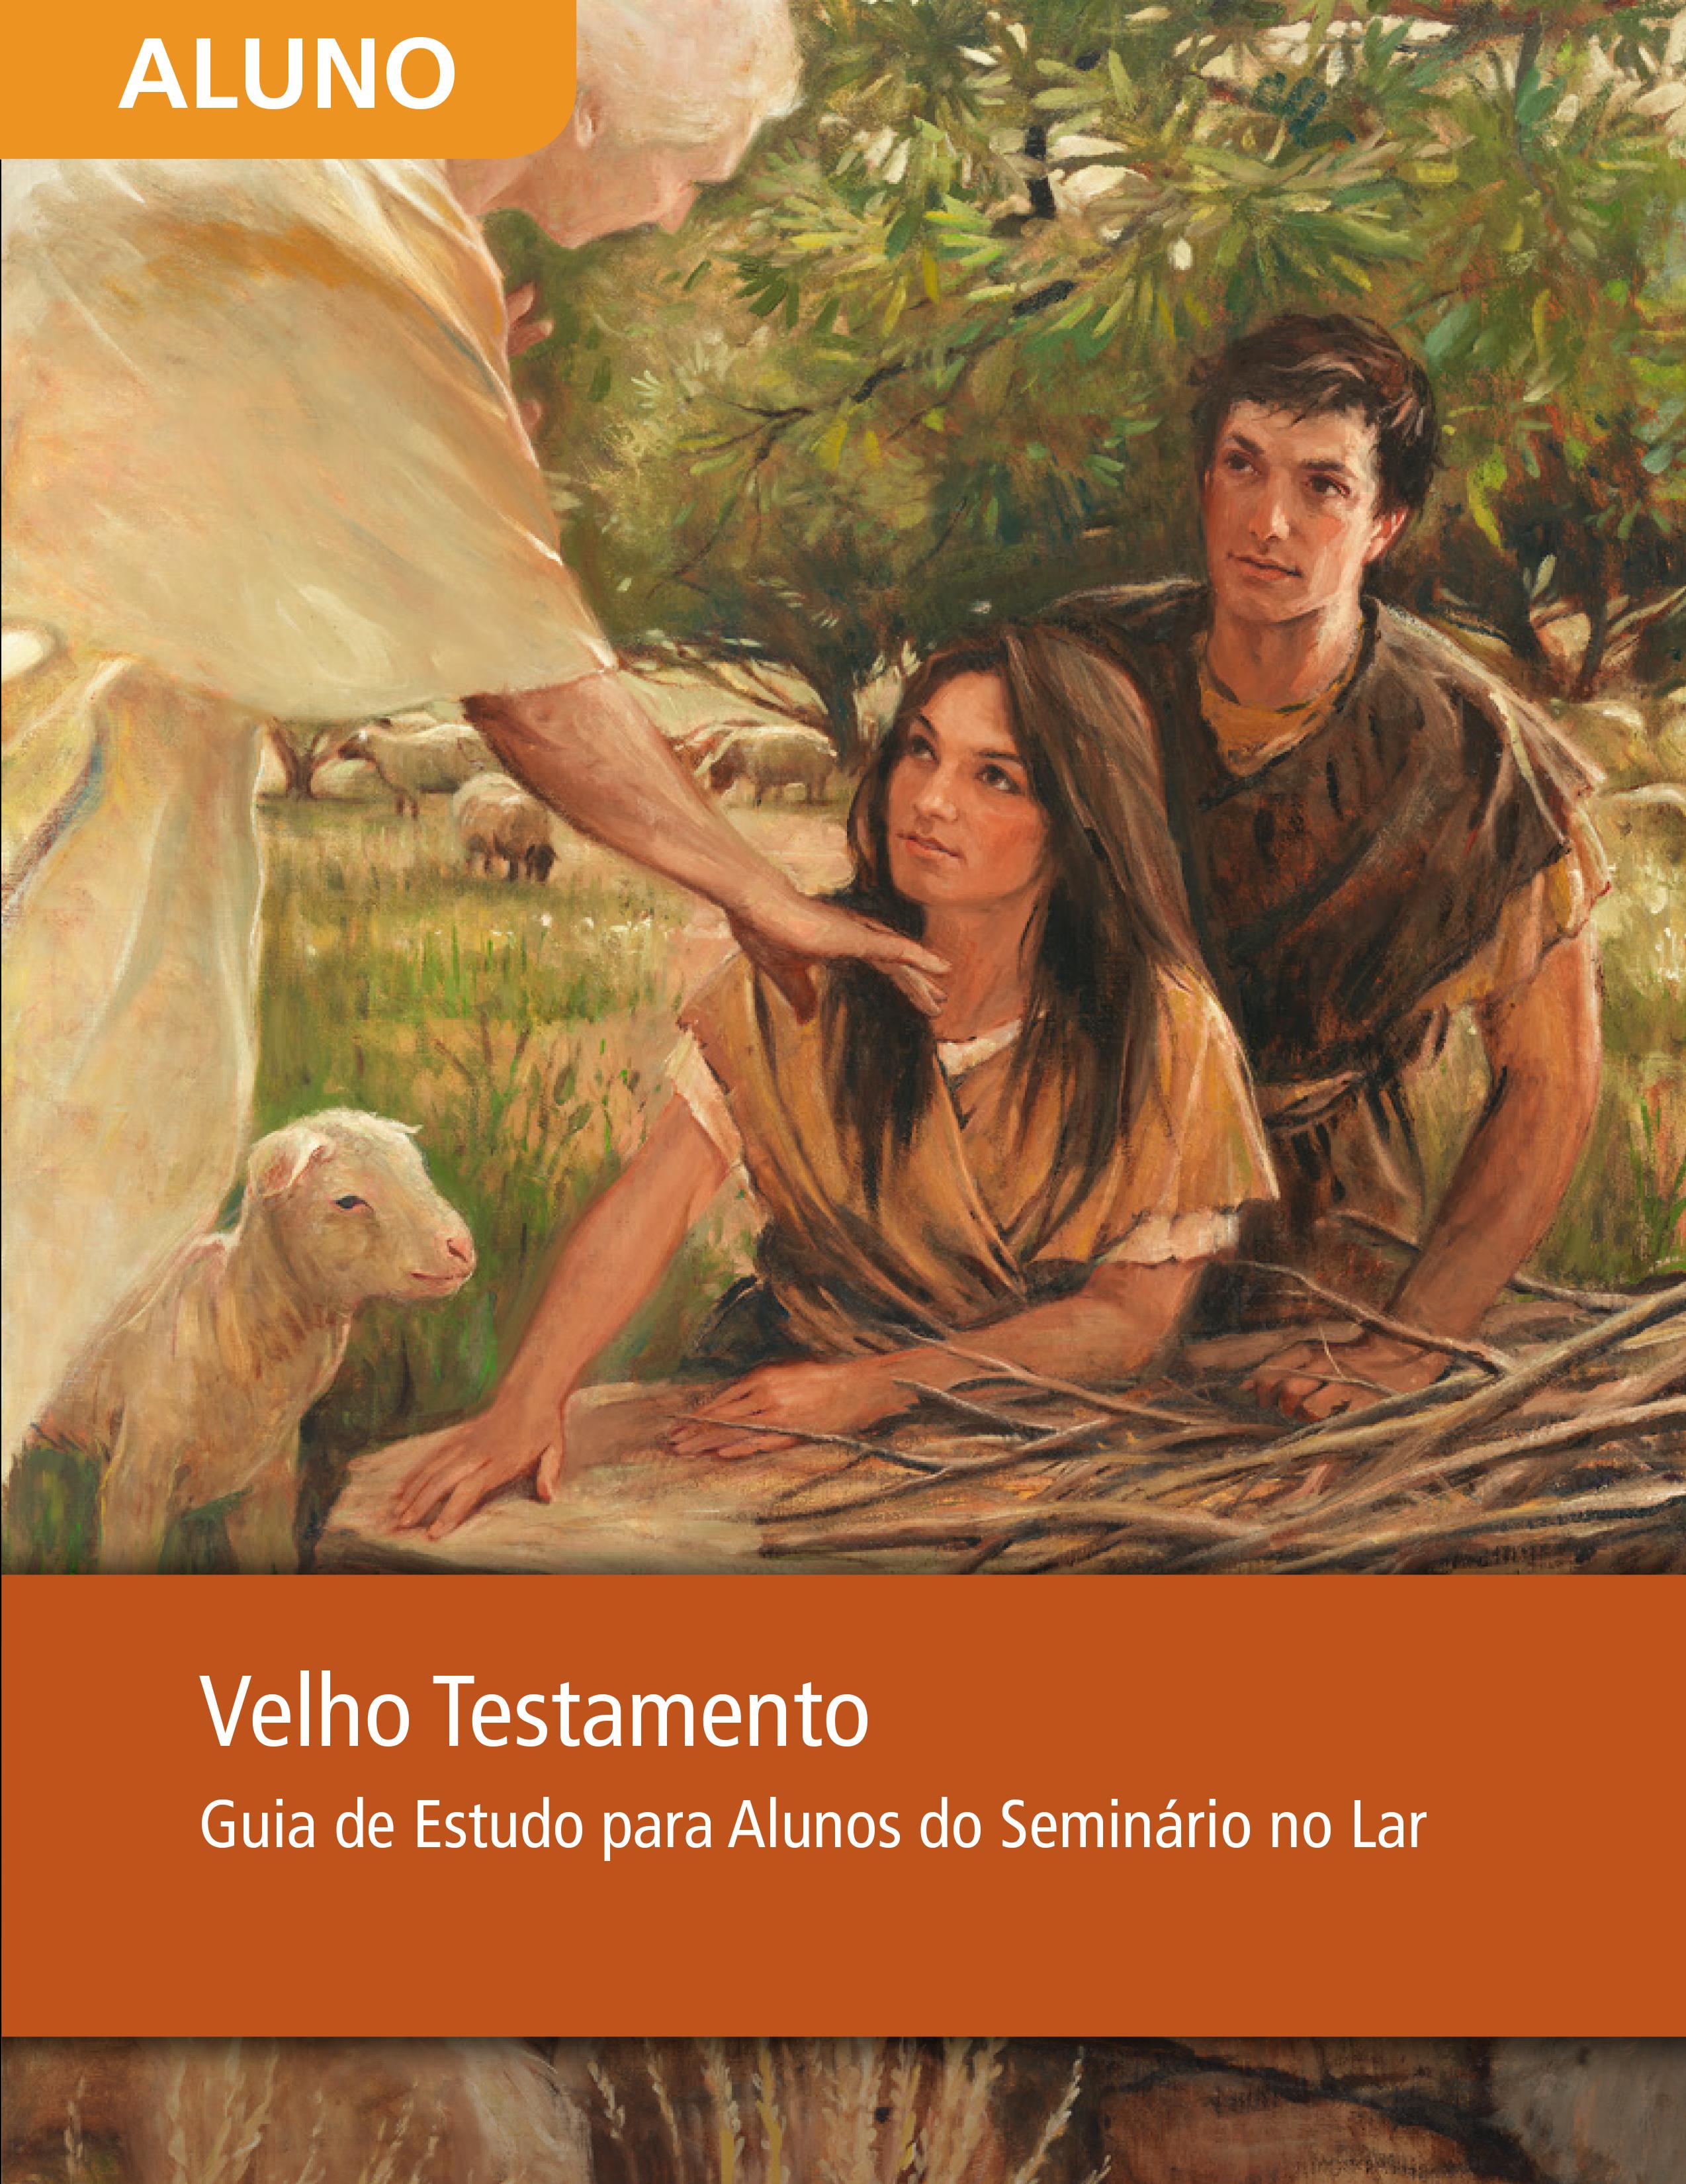 Guia de Estudo do Velho Testamento para Alunos do Seminário do Lar